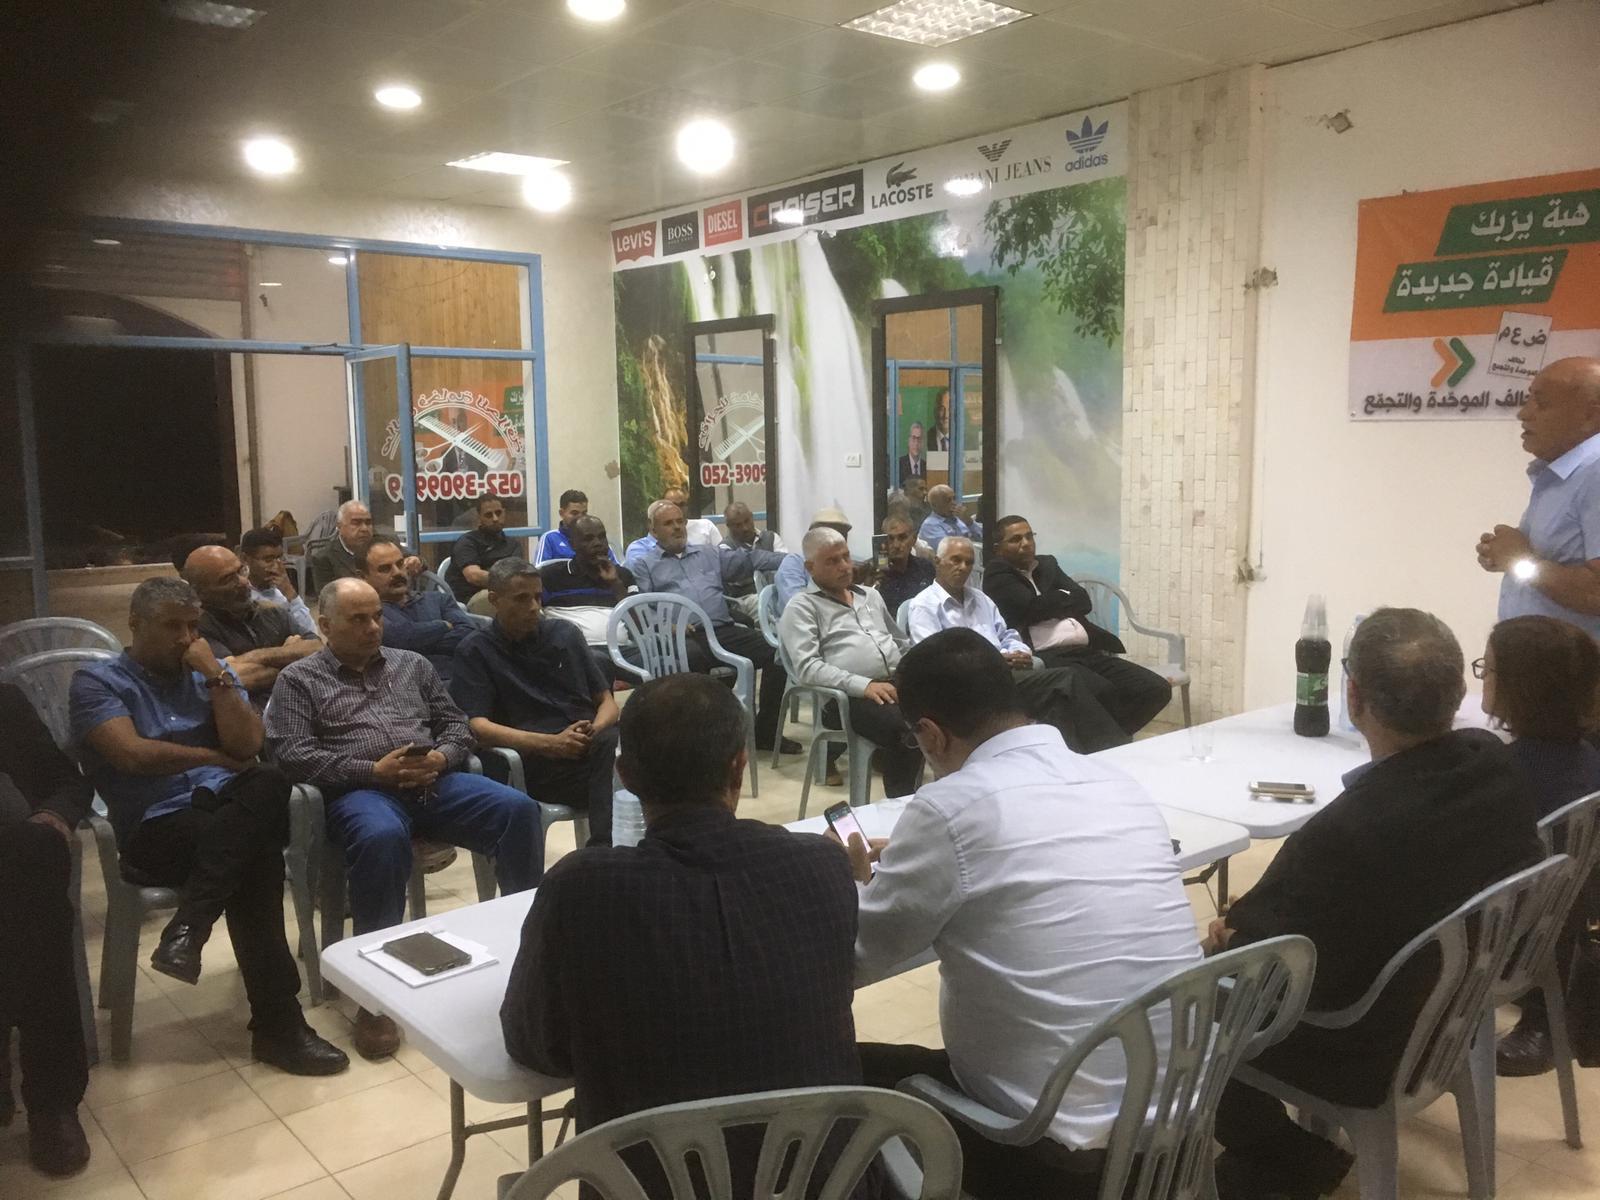 النقب: نواب التجمع يعقدون اجتماعًا مع الأهالي